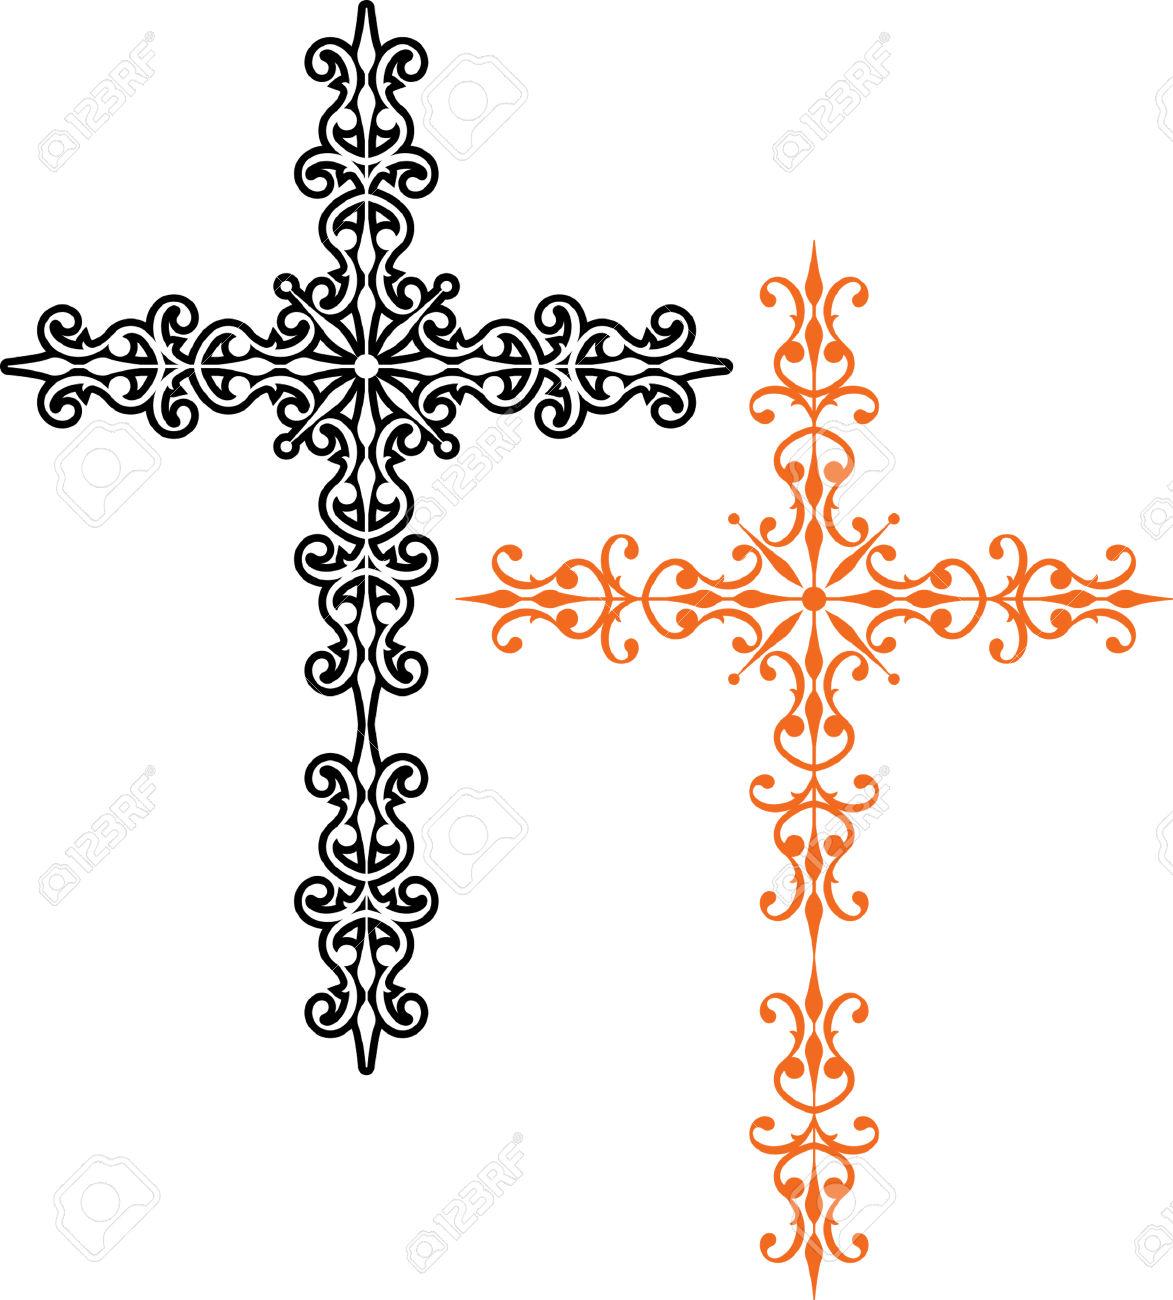 Croix Chrétienne Clipart.